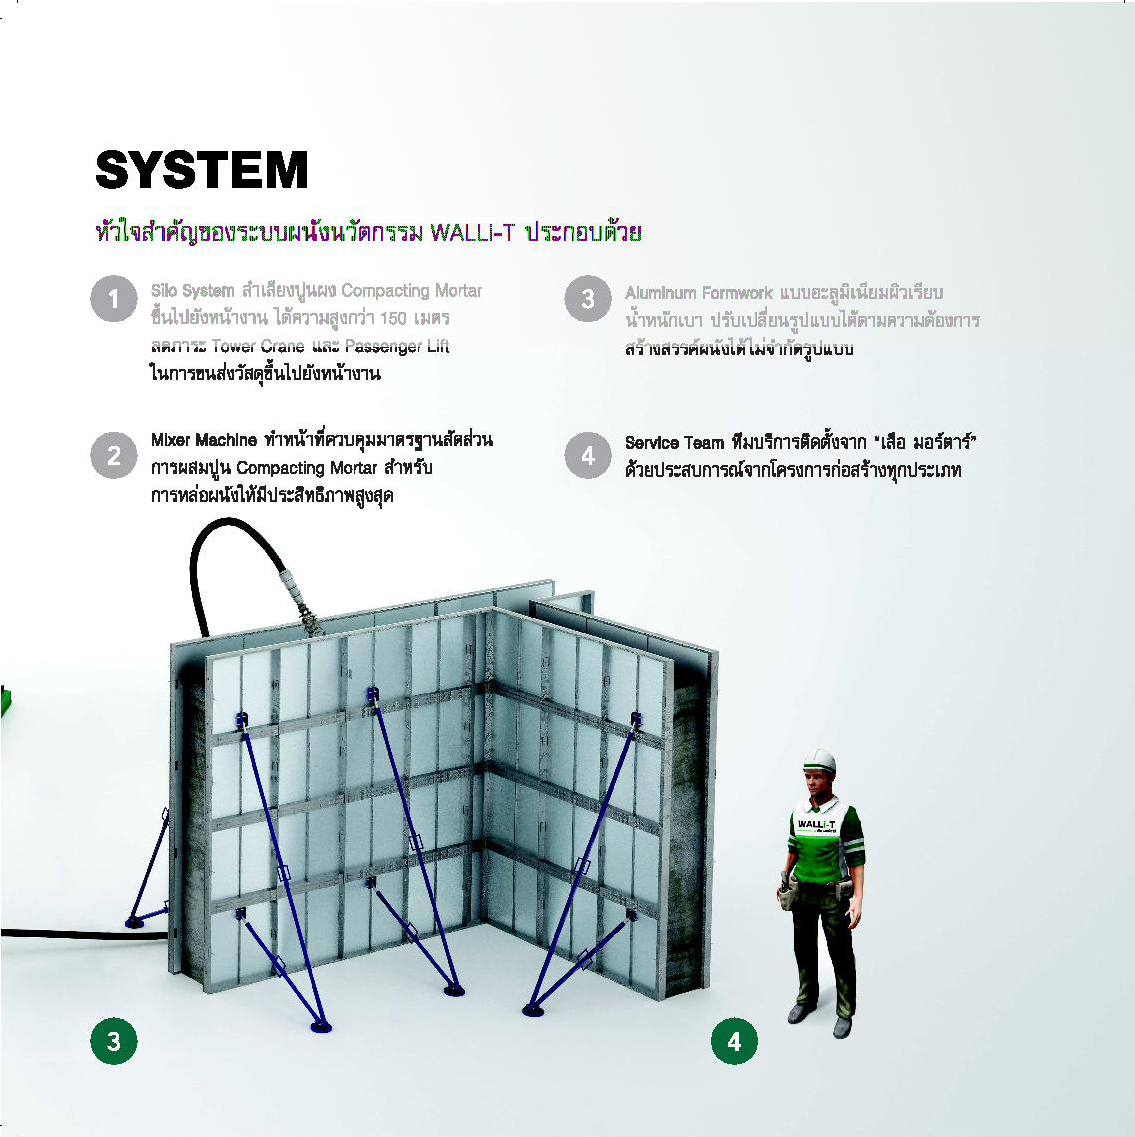 ระบบ Walli-T,silo,spraying,system,ไซโล,ระบบไซโล,มอร์ต้า,ราคาถูก